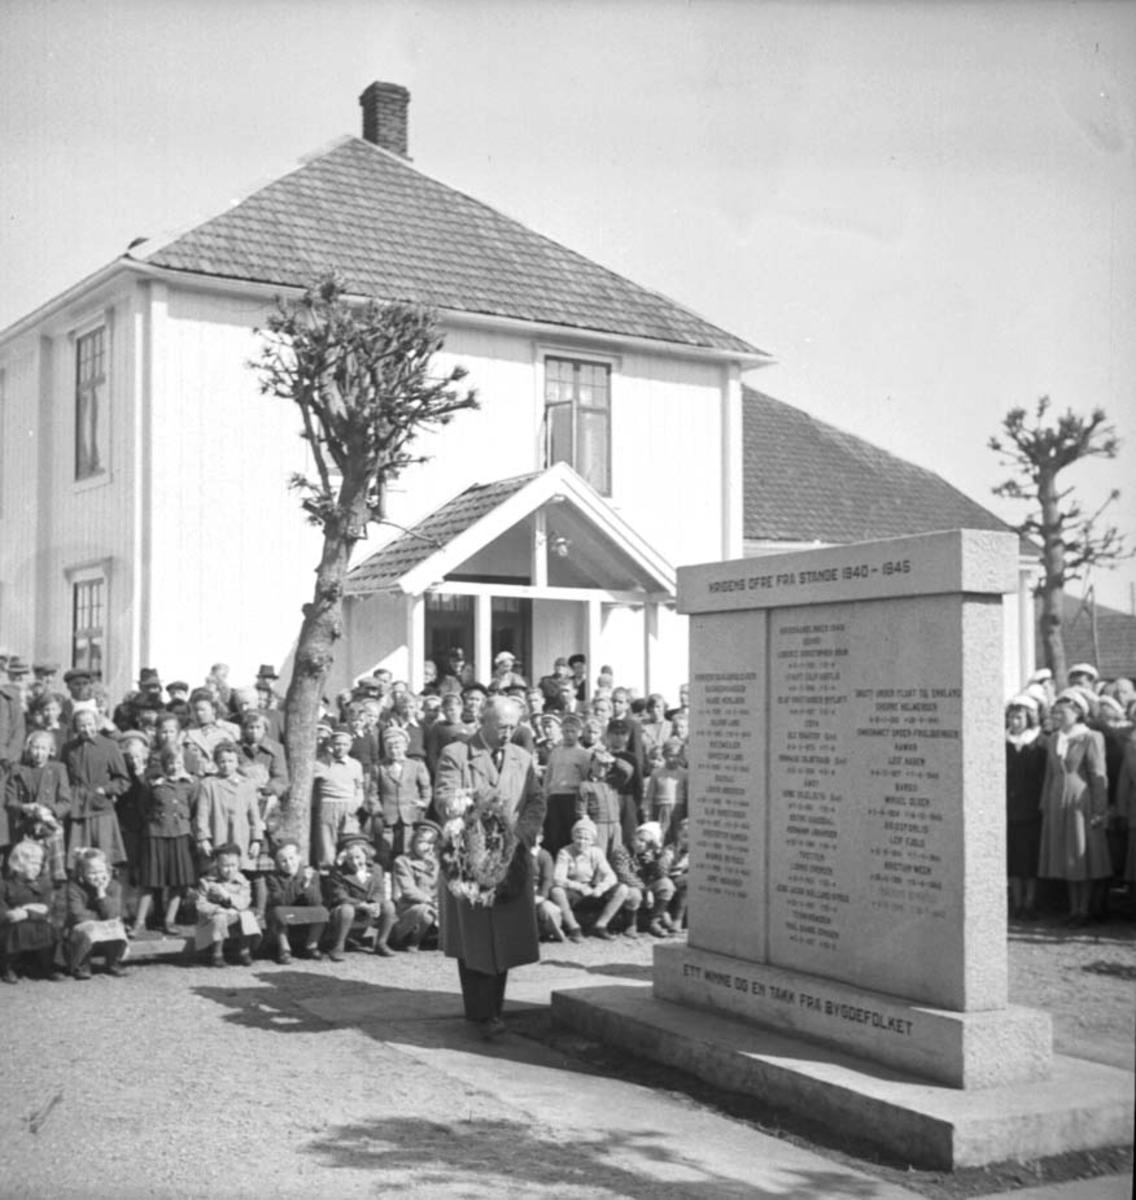 17 MAI, MANN LEGGER NED KRANS VED BAUTA FOR KRIGENS OFRE, SENERE FLYTTET TIL SOLE. BEDEHUSET I BAKGR. SE ÅRBOKA 2006 S. 142.  Sogneprest, senere prost Sigvald Krohn legger ned krans ved minnebautaen over krigens ofre 8. mai 1953.